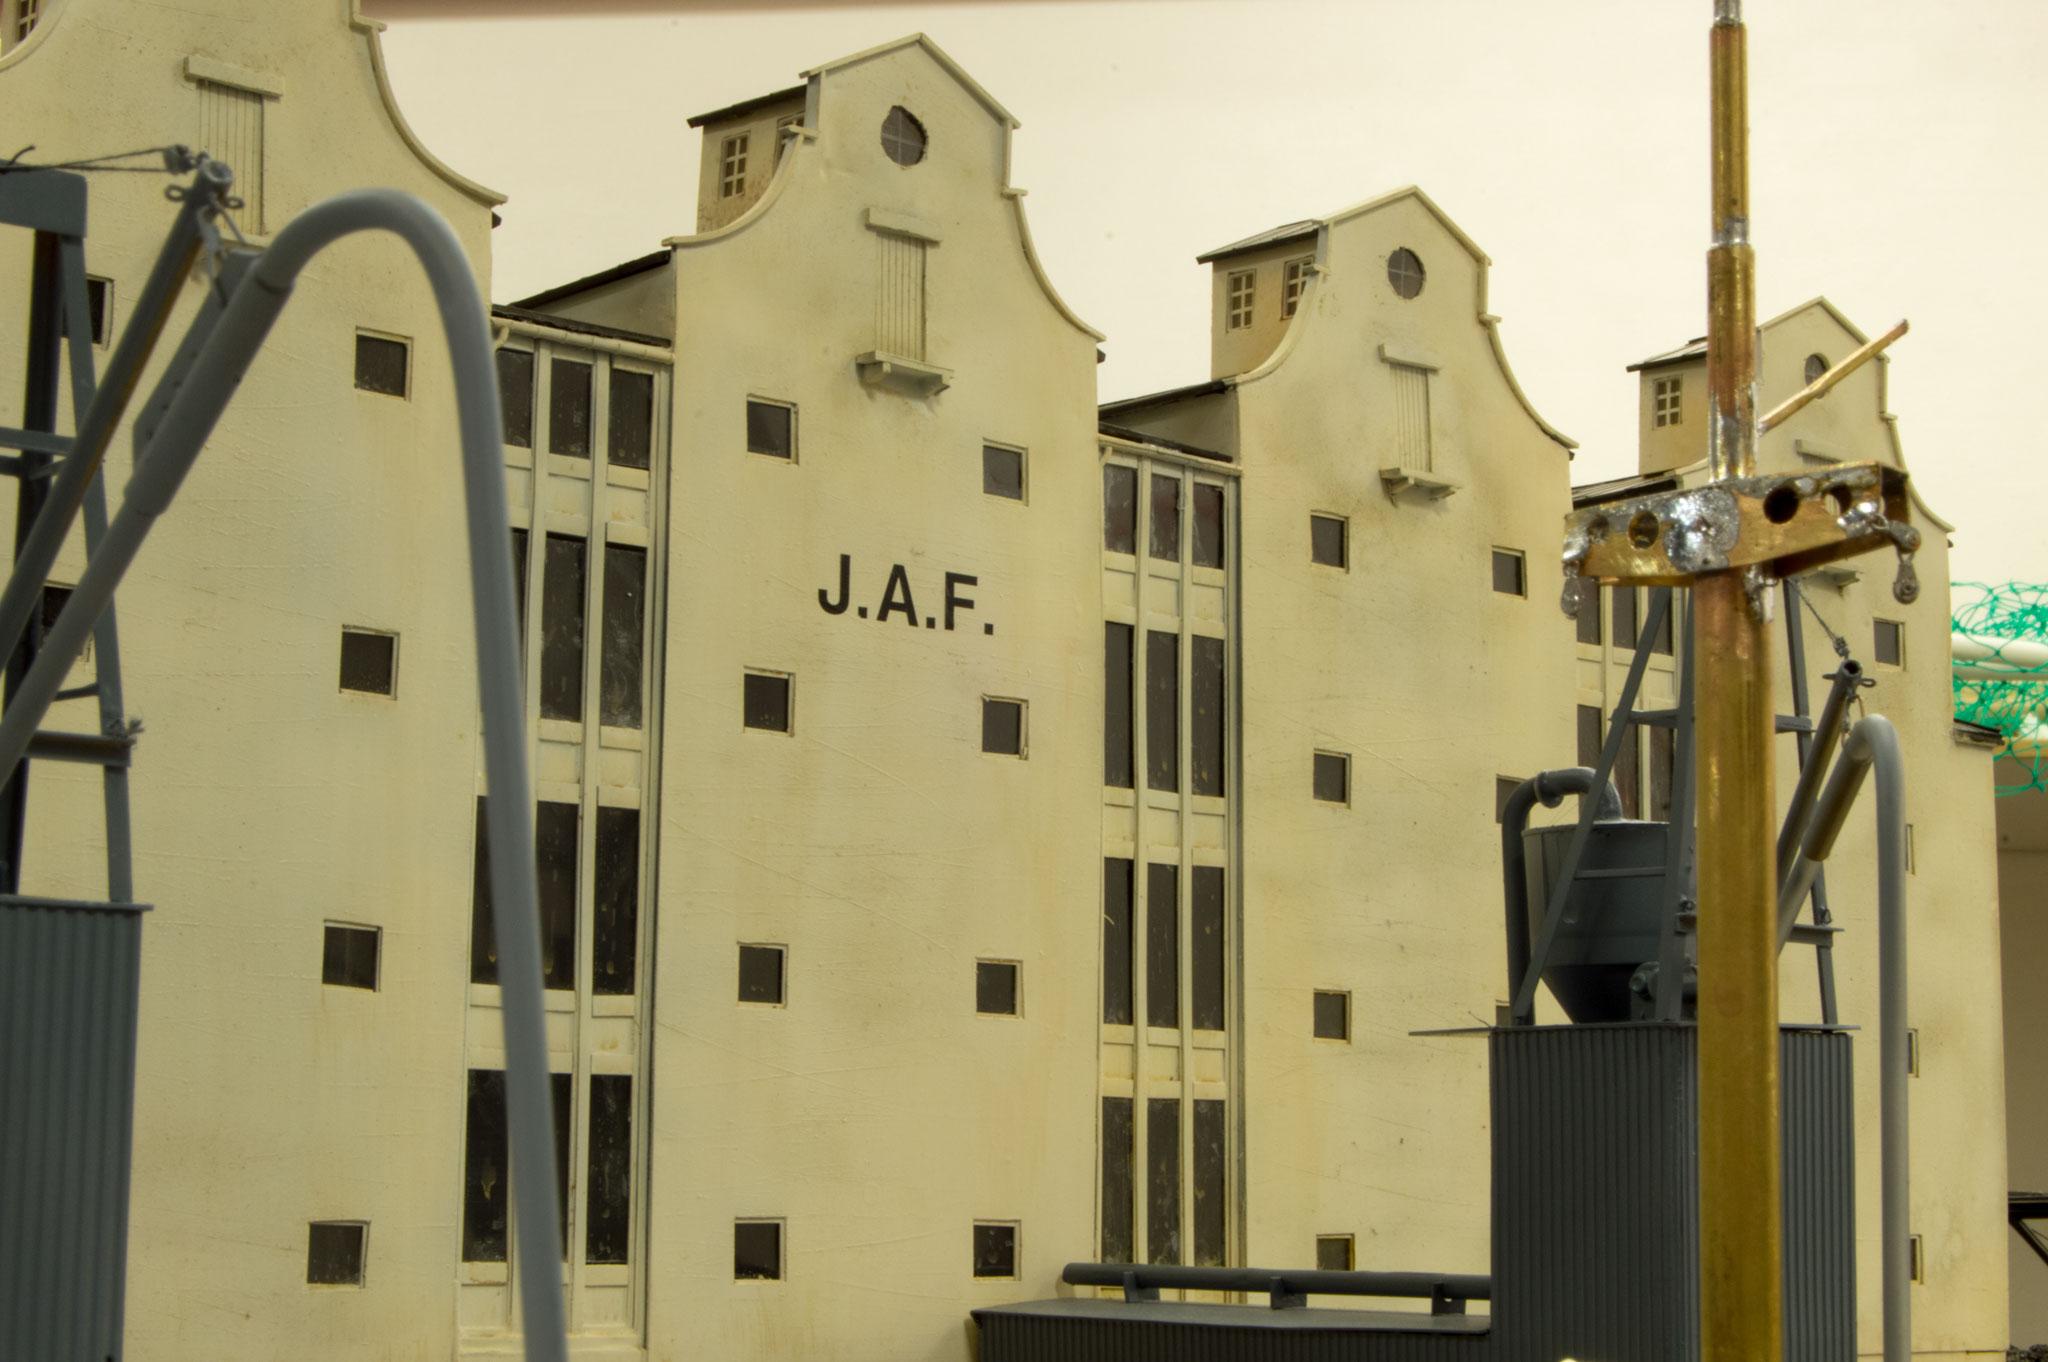 J.A.F.'s bygninger på Kattegatkaj